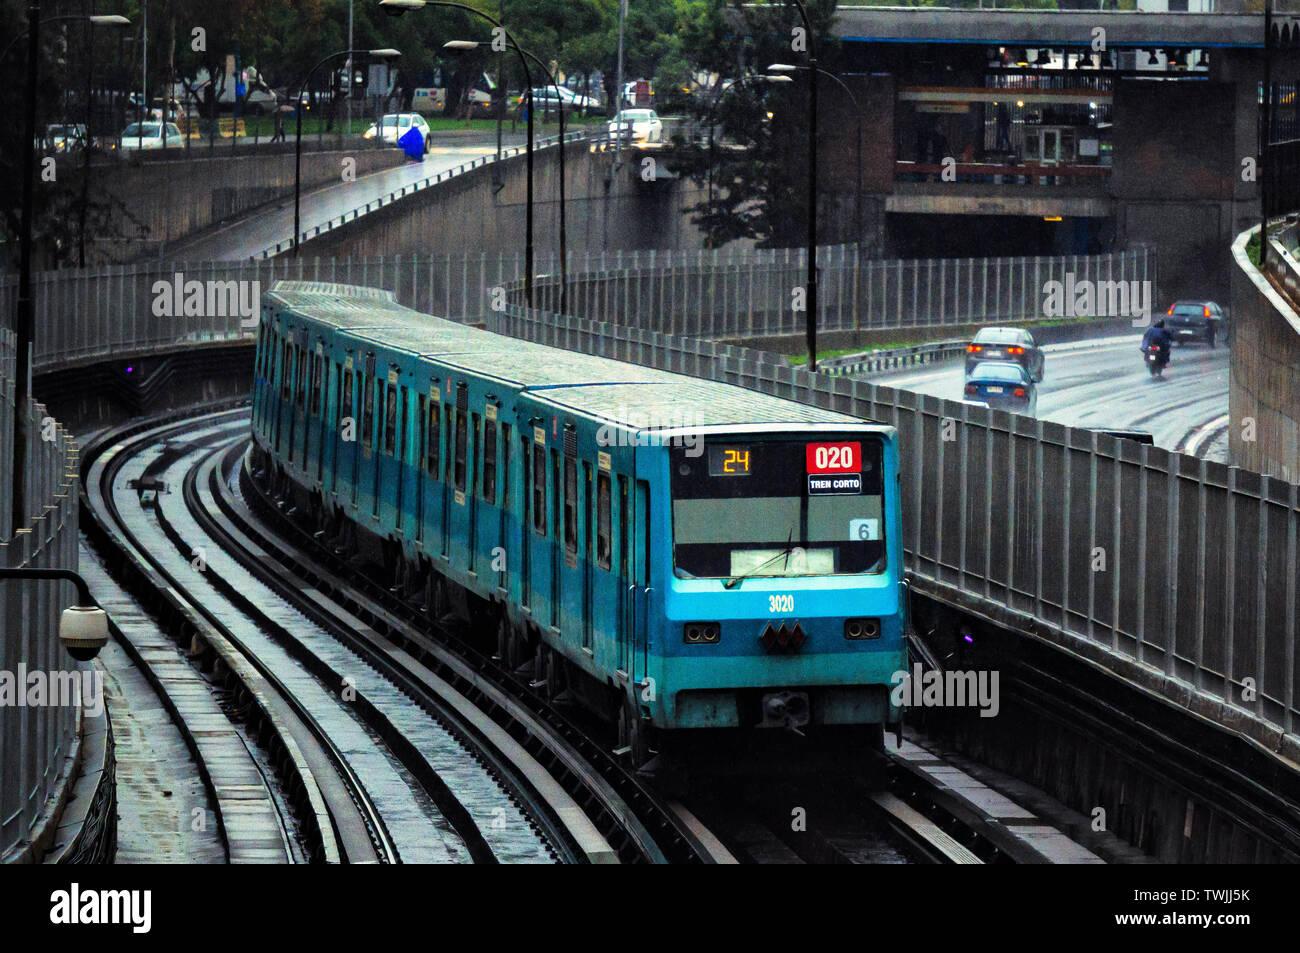 SANTIAGO, CHILE - JUNE 2016: A Santiago Metro train entering Toesca